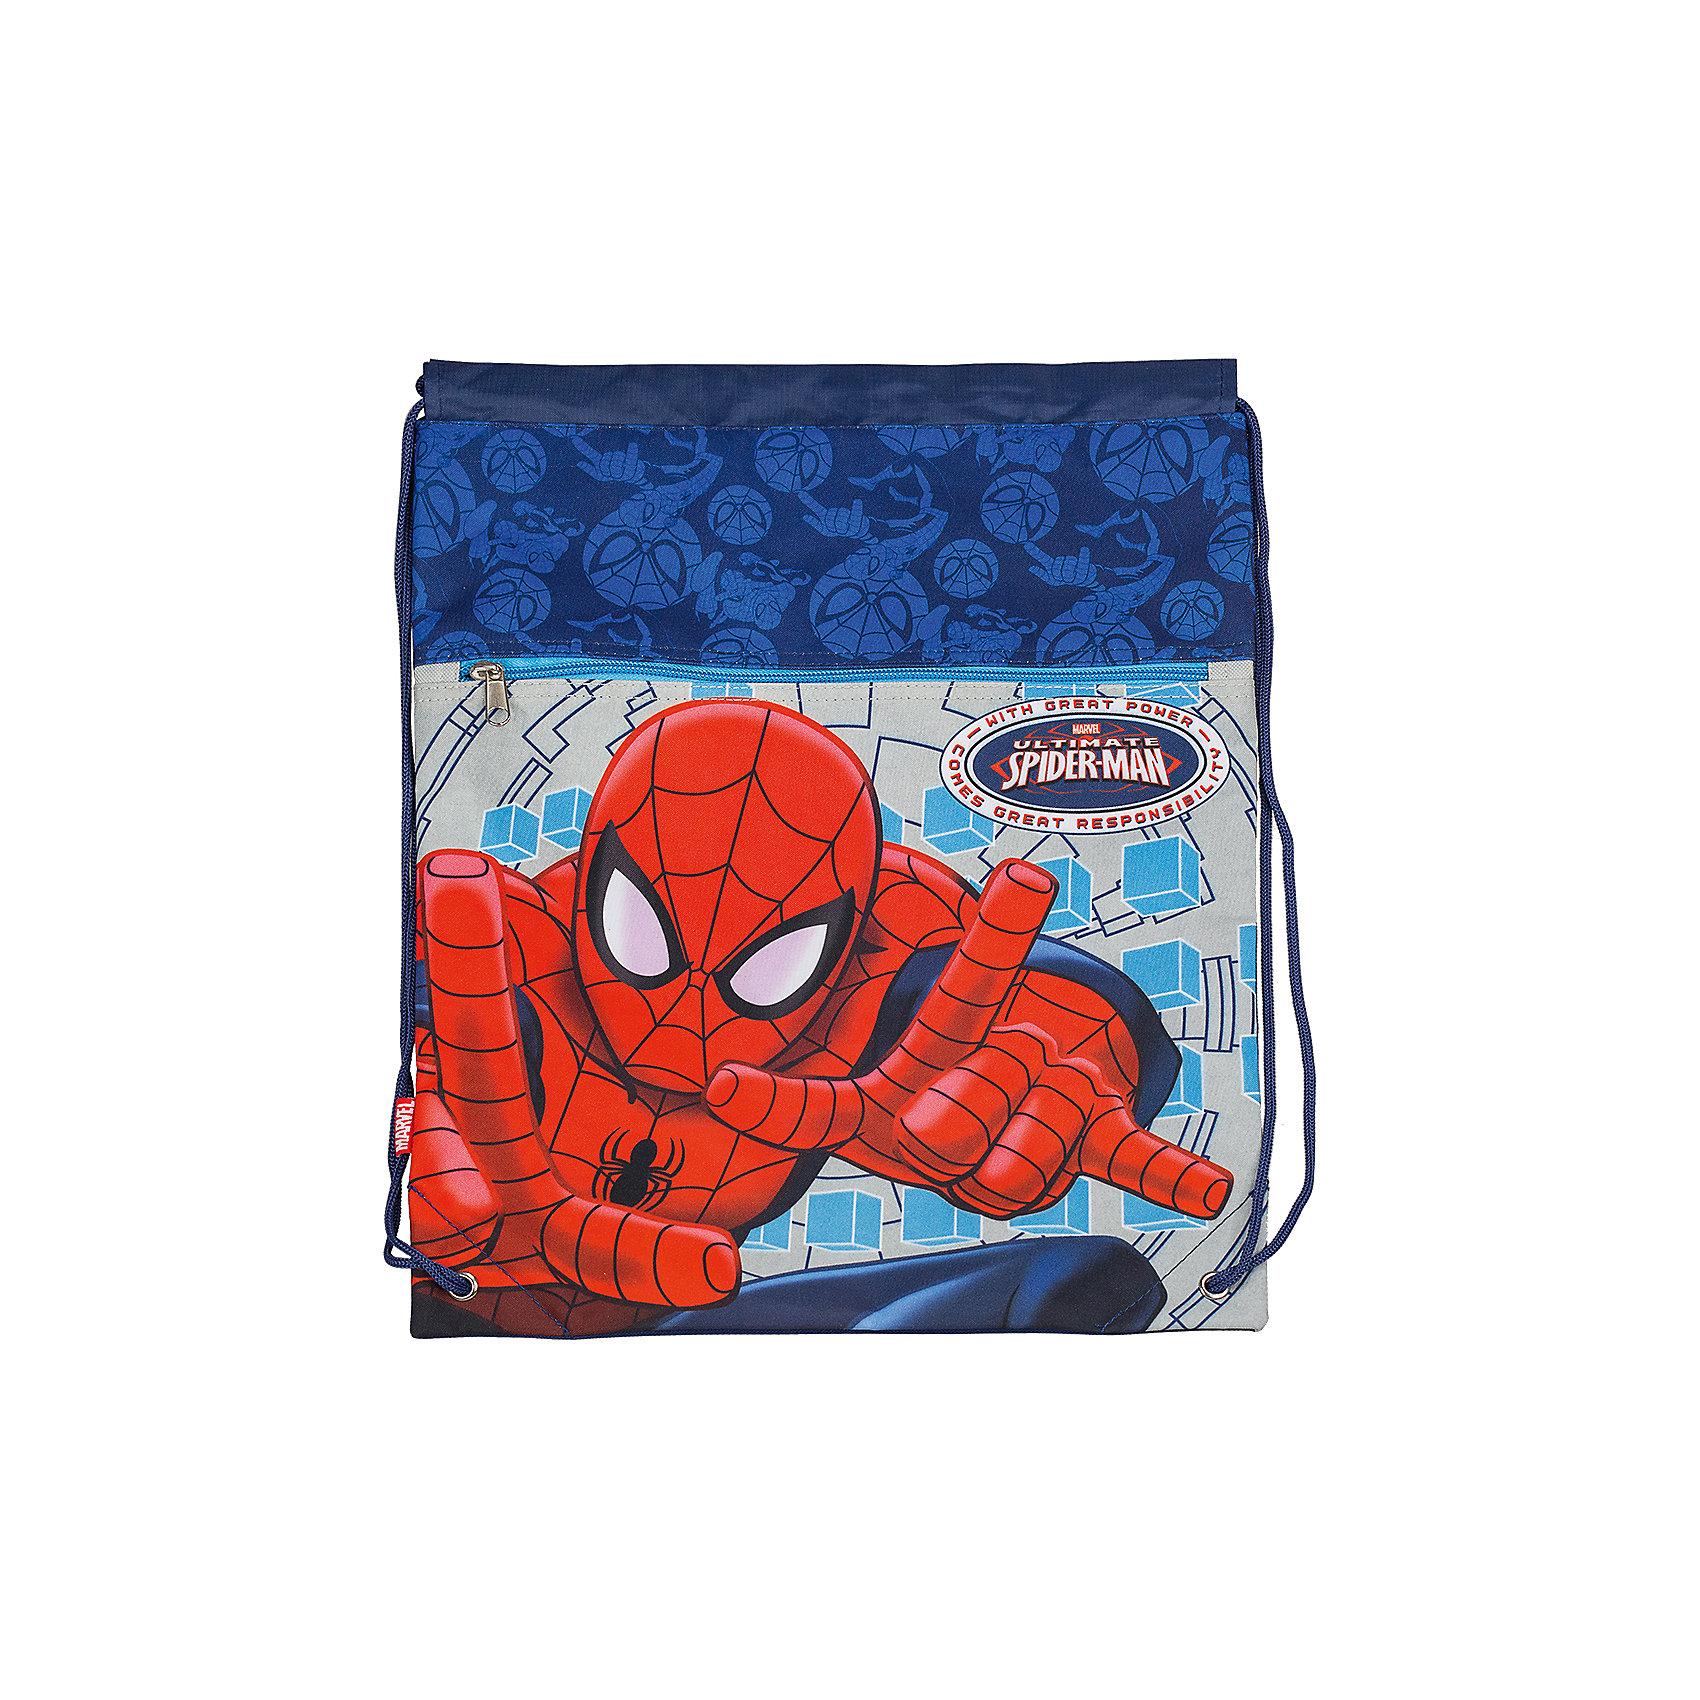 Сумка-рюкзак для обуви, Человек-ПаукМешки для обуви<br>Сумка-рюкзак для обуви, с дополнительным карманом.<br>Сумку-рюкзак для обуви, Человек-Паук (Spider-Man) можно купить в нашем магазине.<br><br>Ширина мм: 350<br>Глубина мм: 350<br>Высота мм: 20<br>Вес г: 500<br>Возраст от месяцев: 48<br>Возраст до месяцев: 84<br>Пол: Мужской<br>Возраст: Детский<br>SKU: 3562975